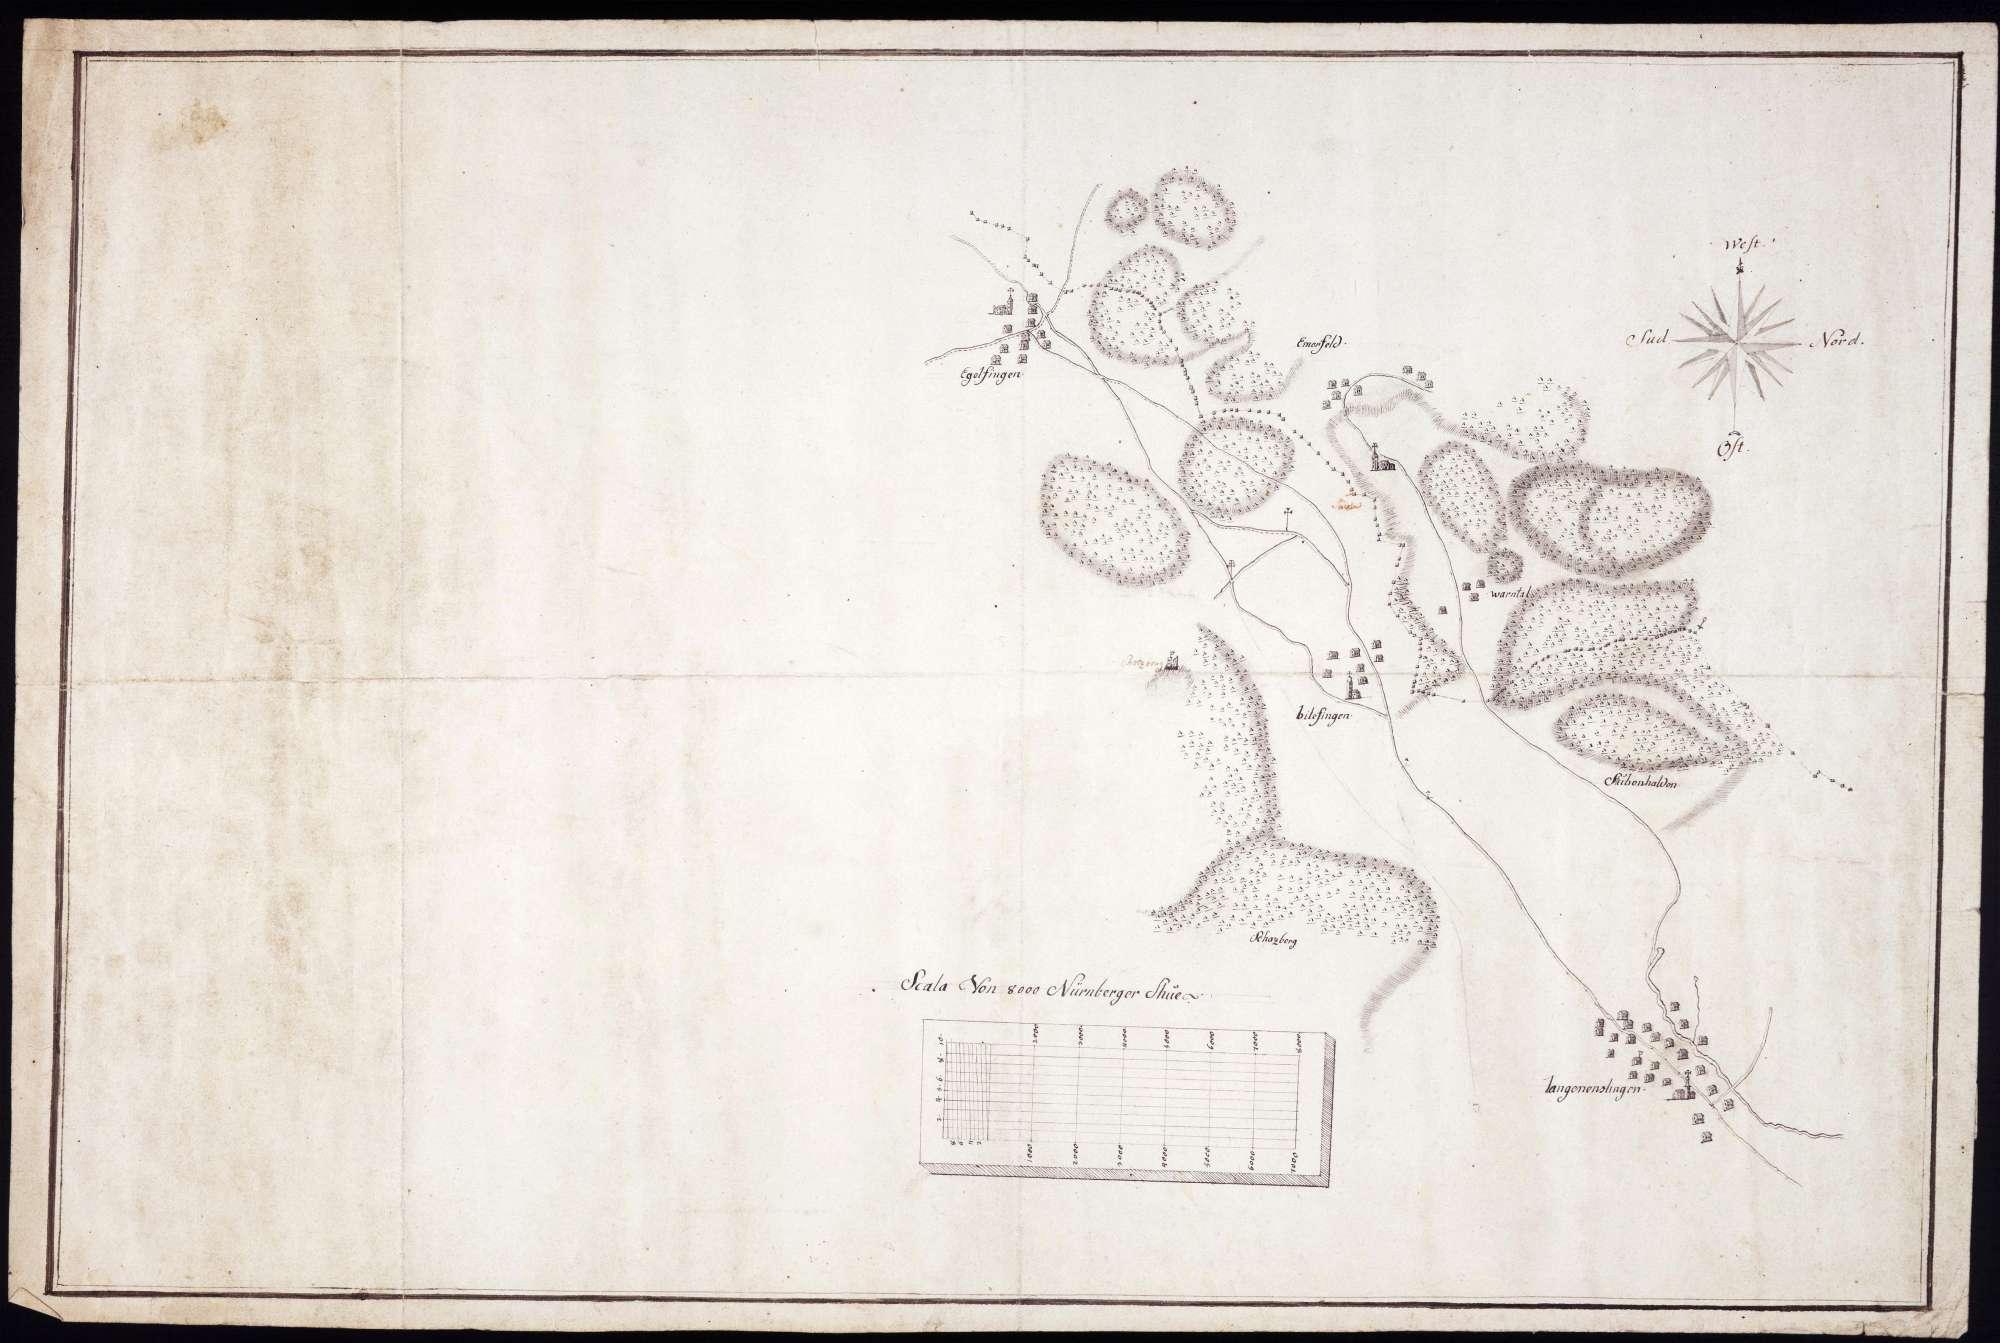 Lageplan von Langenenslingen, Billafingen, Egelfingen und Emerfeld, Bild 1